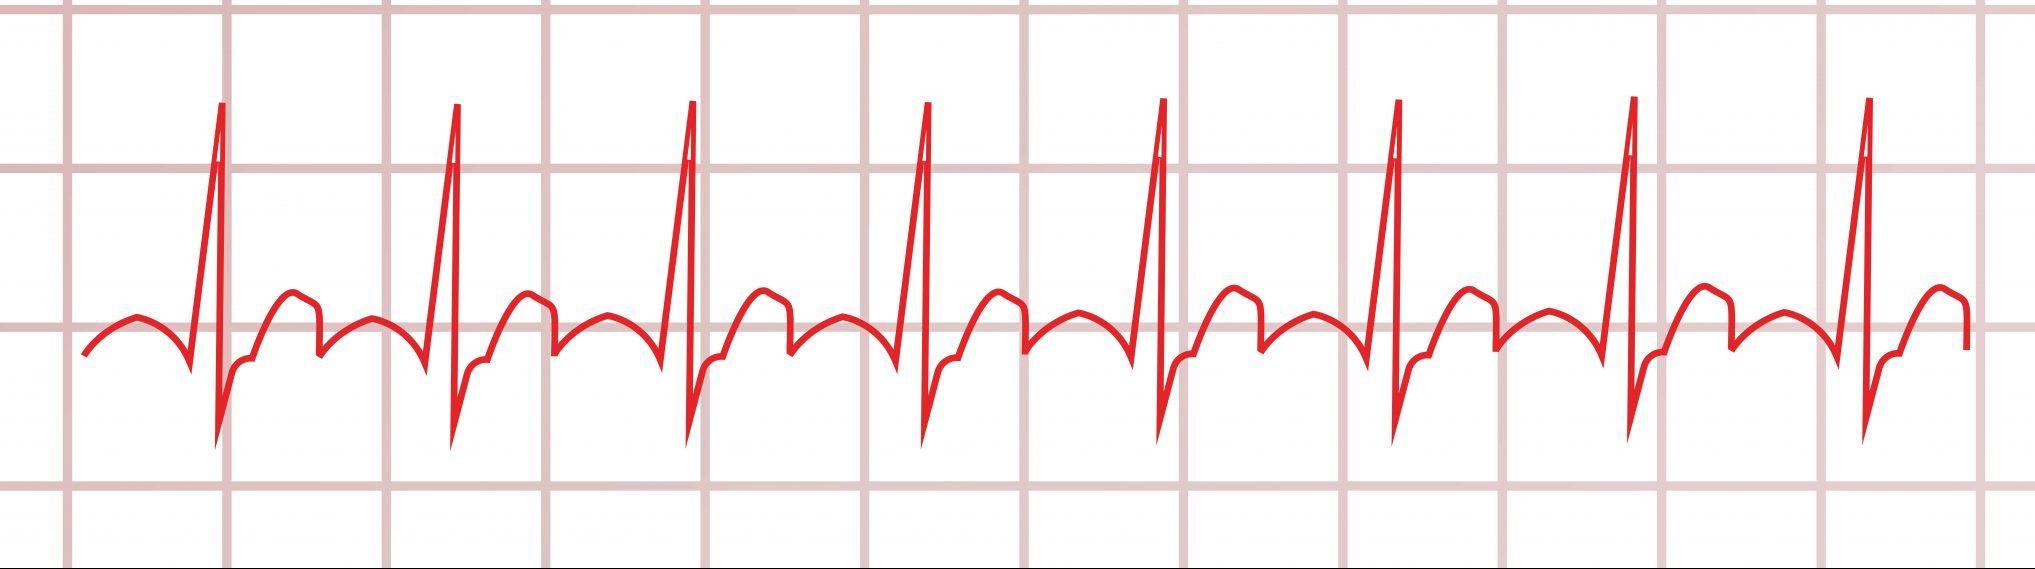 EKG: Unauffälliger Befund